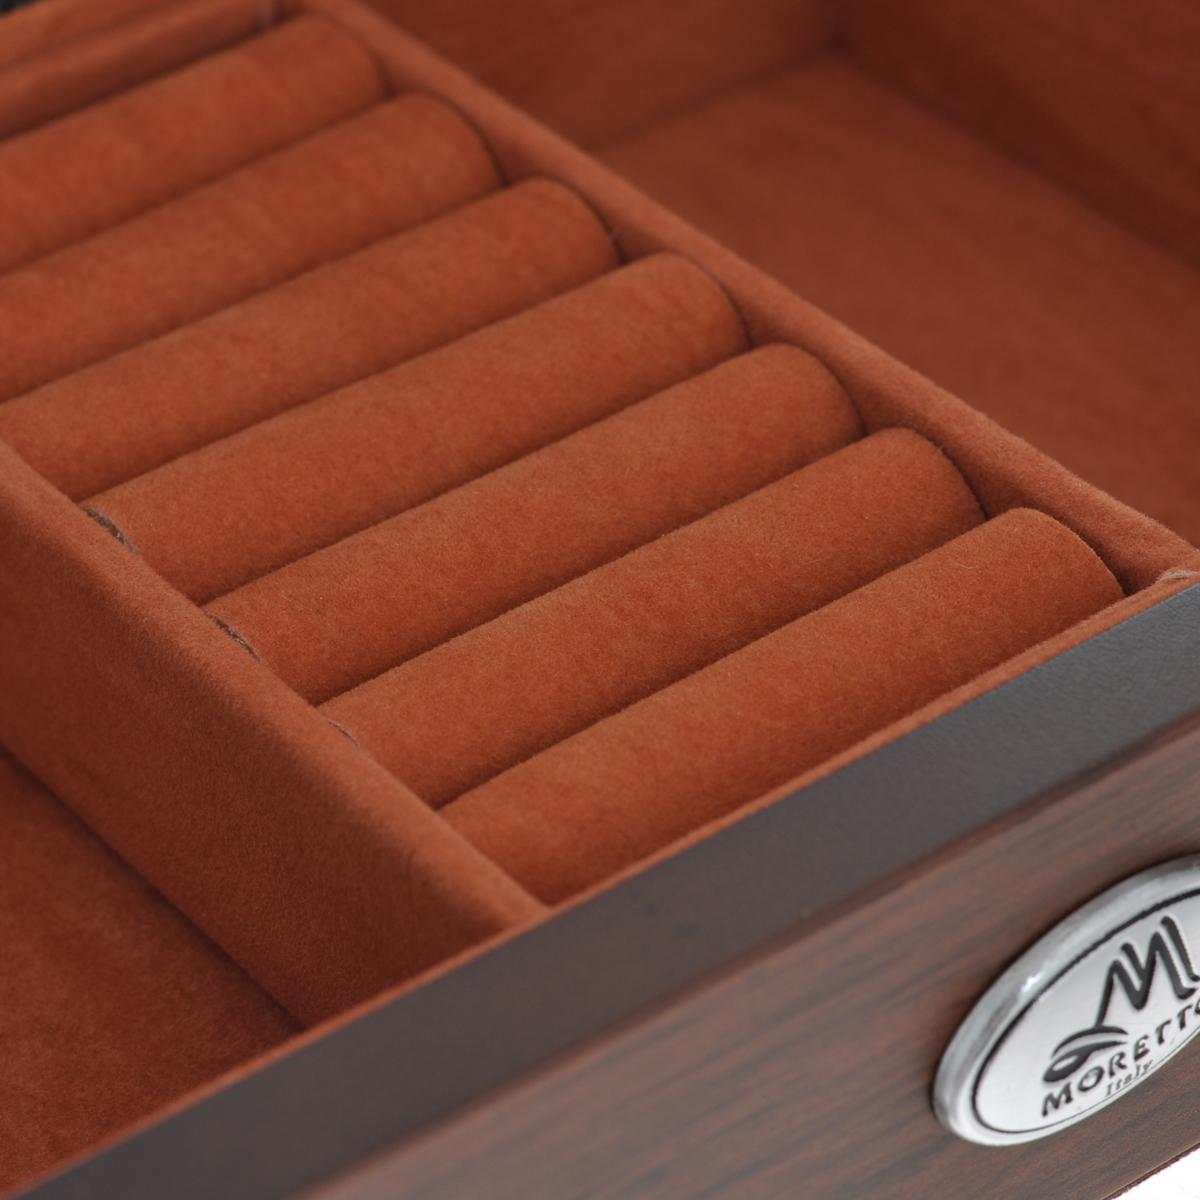 """Шкатулка ювелирная """"Moretto"""", цвет: коричневый, 17,5 см х 12,5 см х 5 см"""